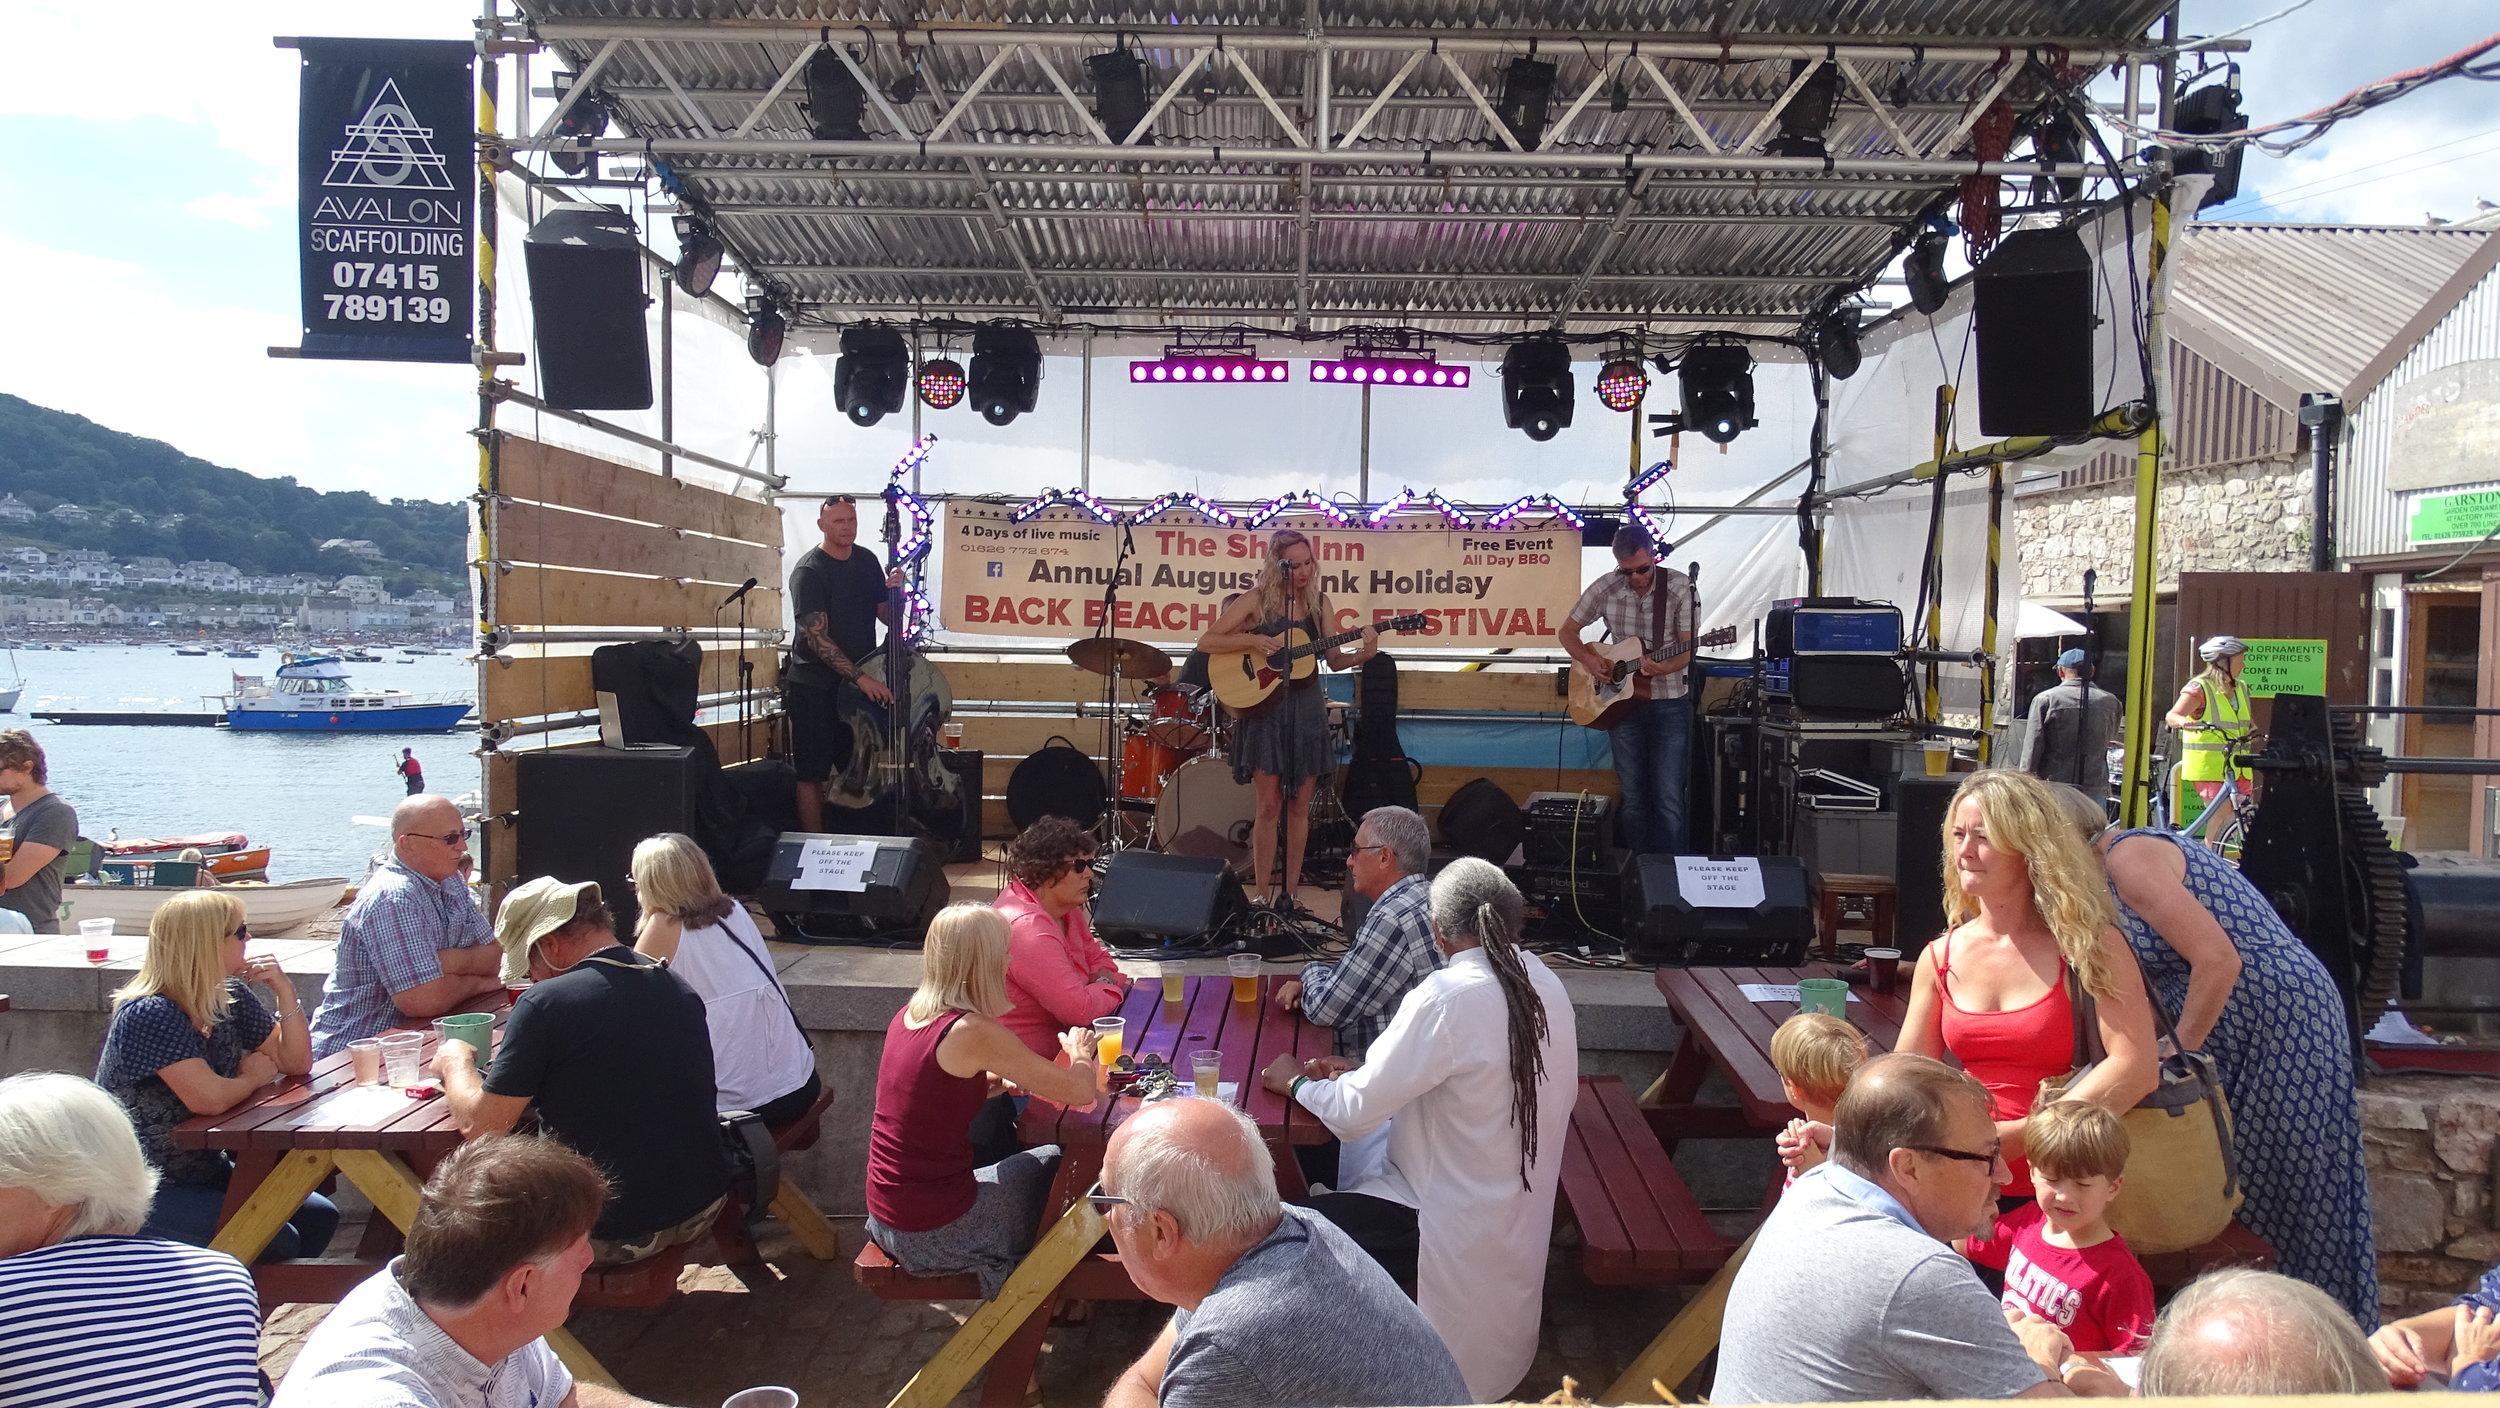 The ship inn music festival p2 121.JPG